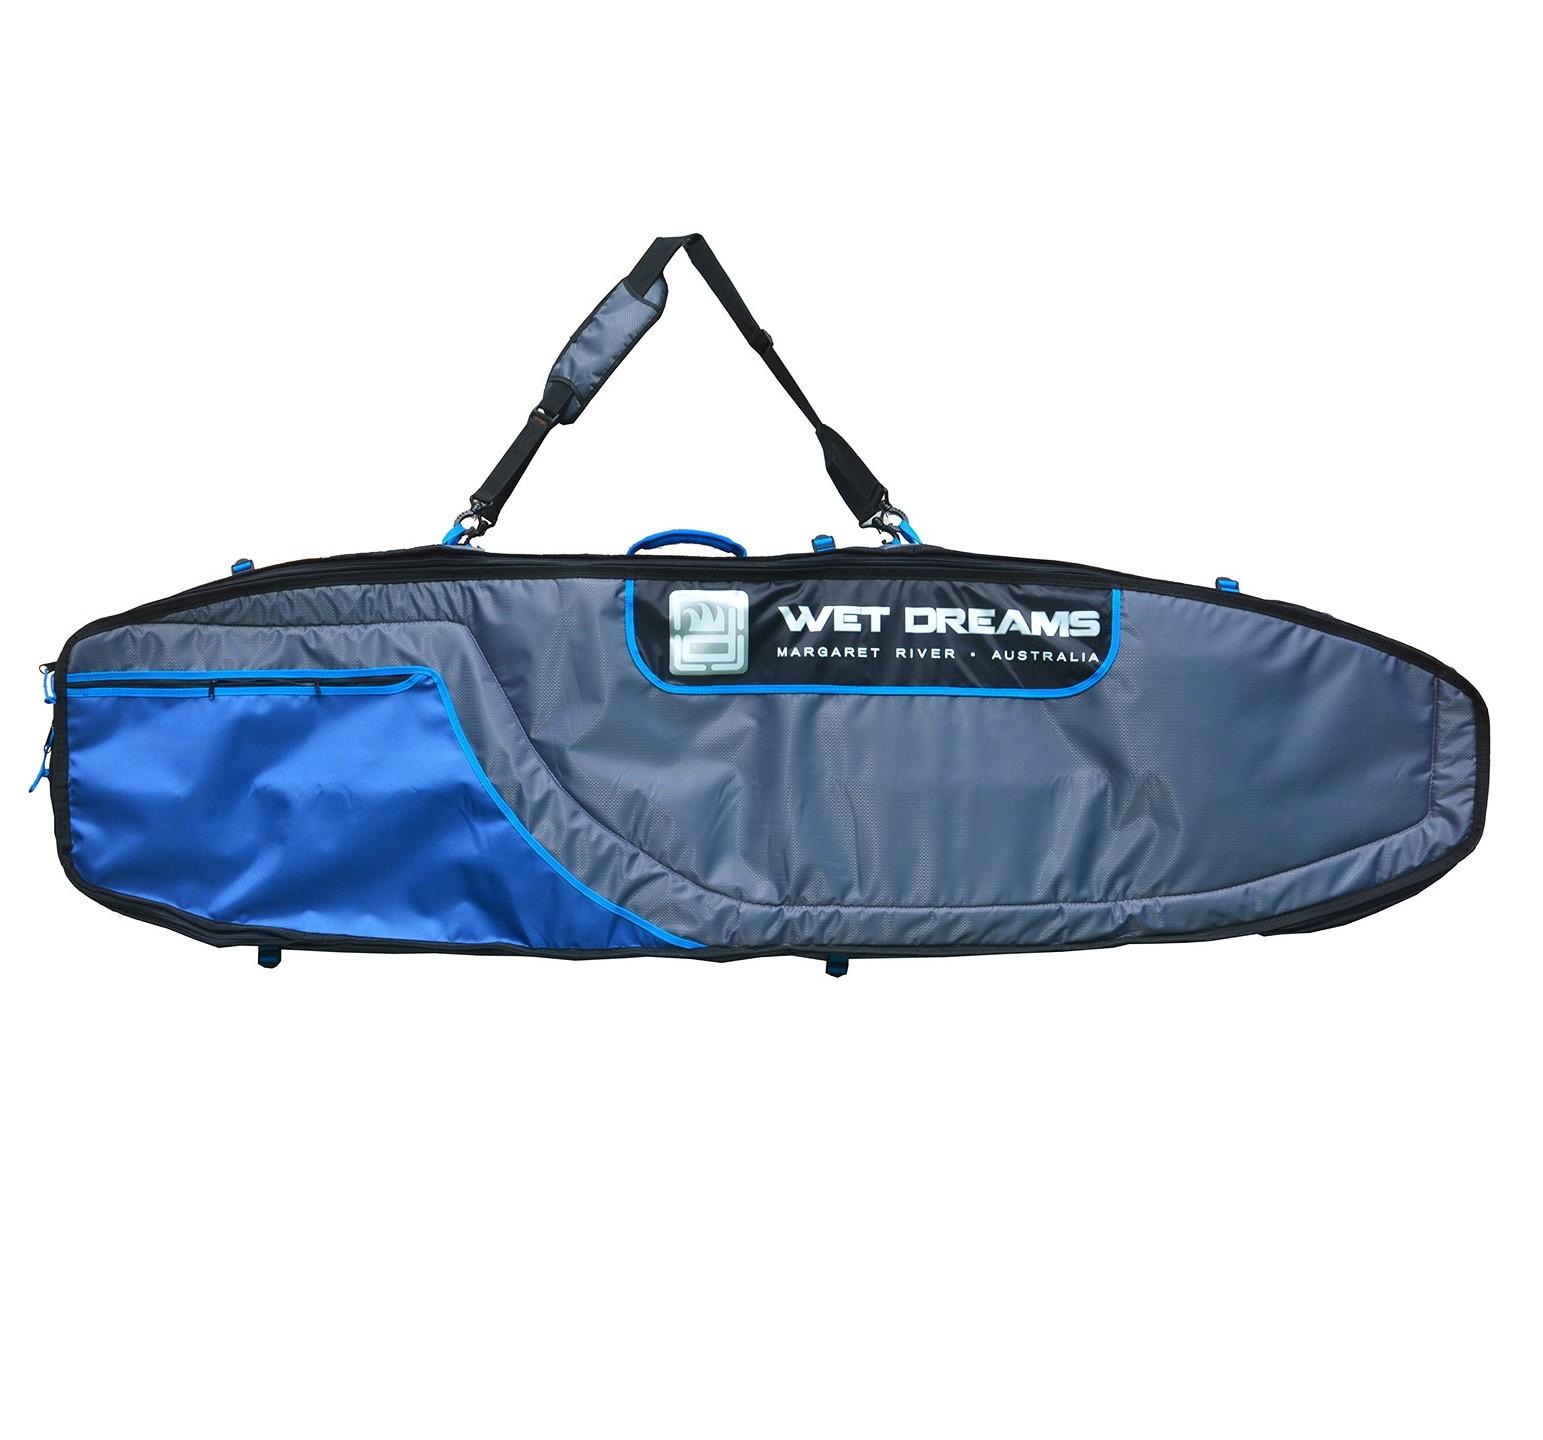 Sarcófago para 2 pranchas de Surf 6'3'' - 1,92m - Wet Dreams | Prancharia